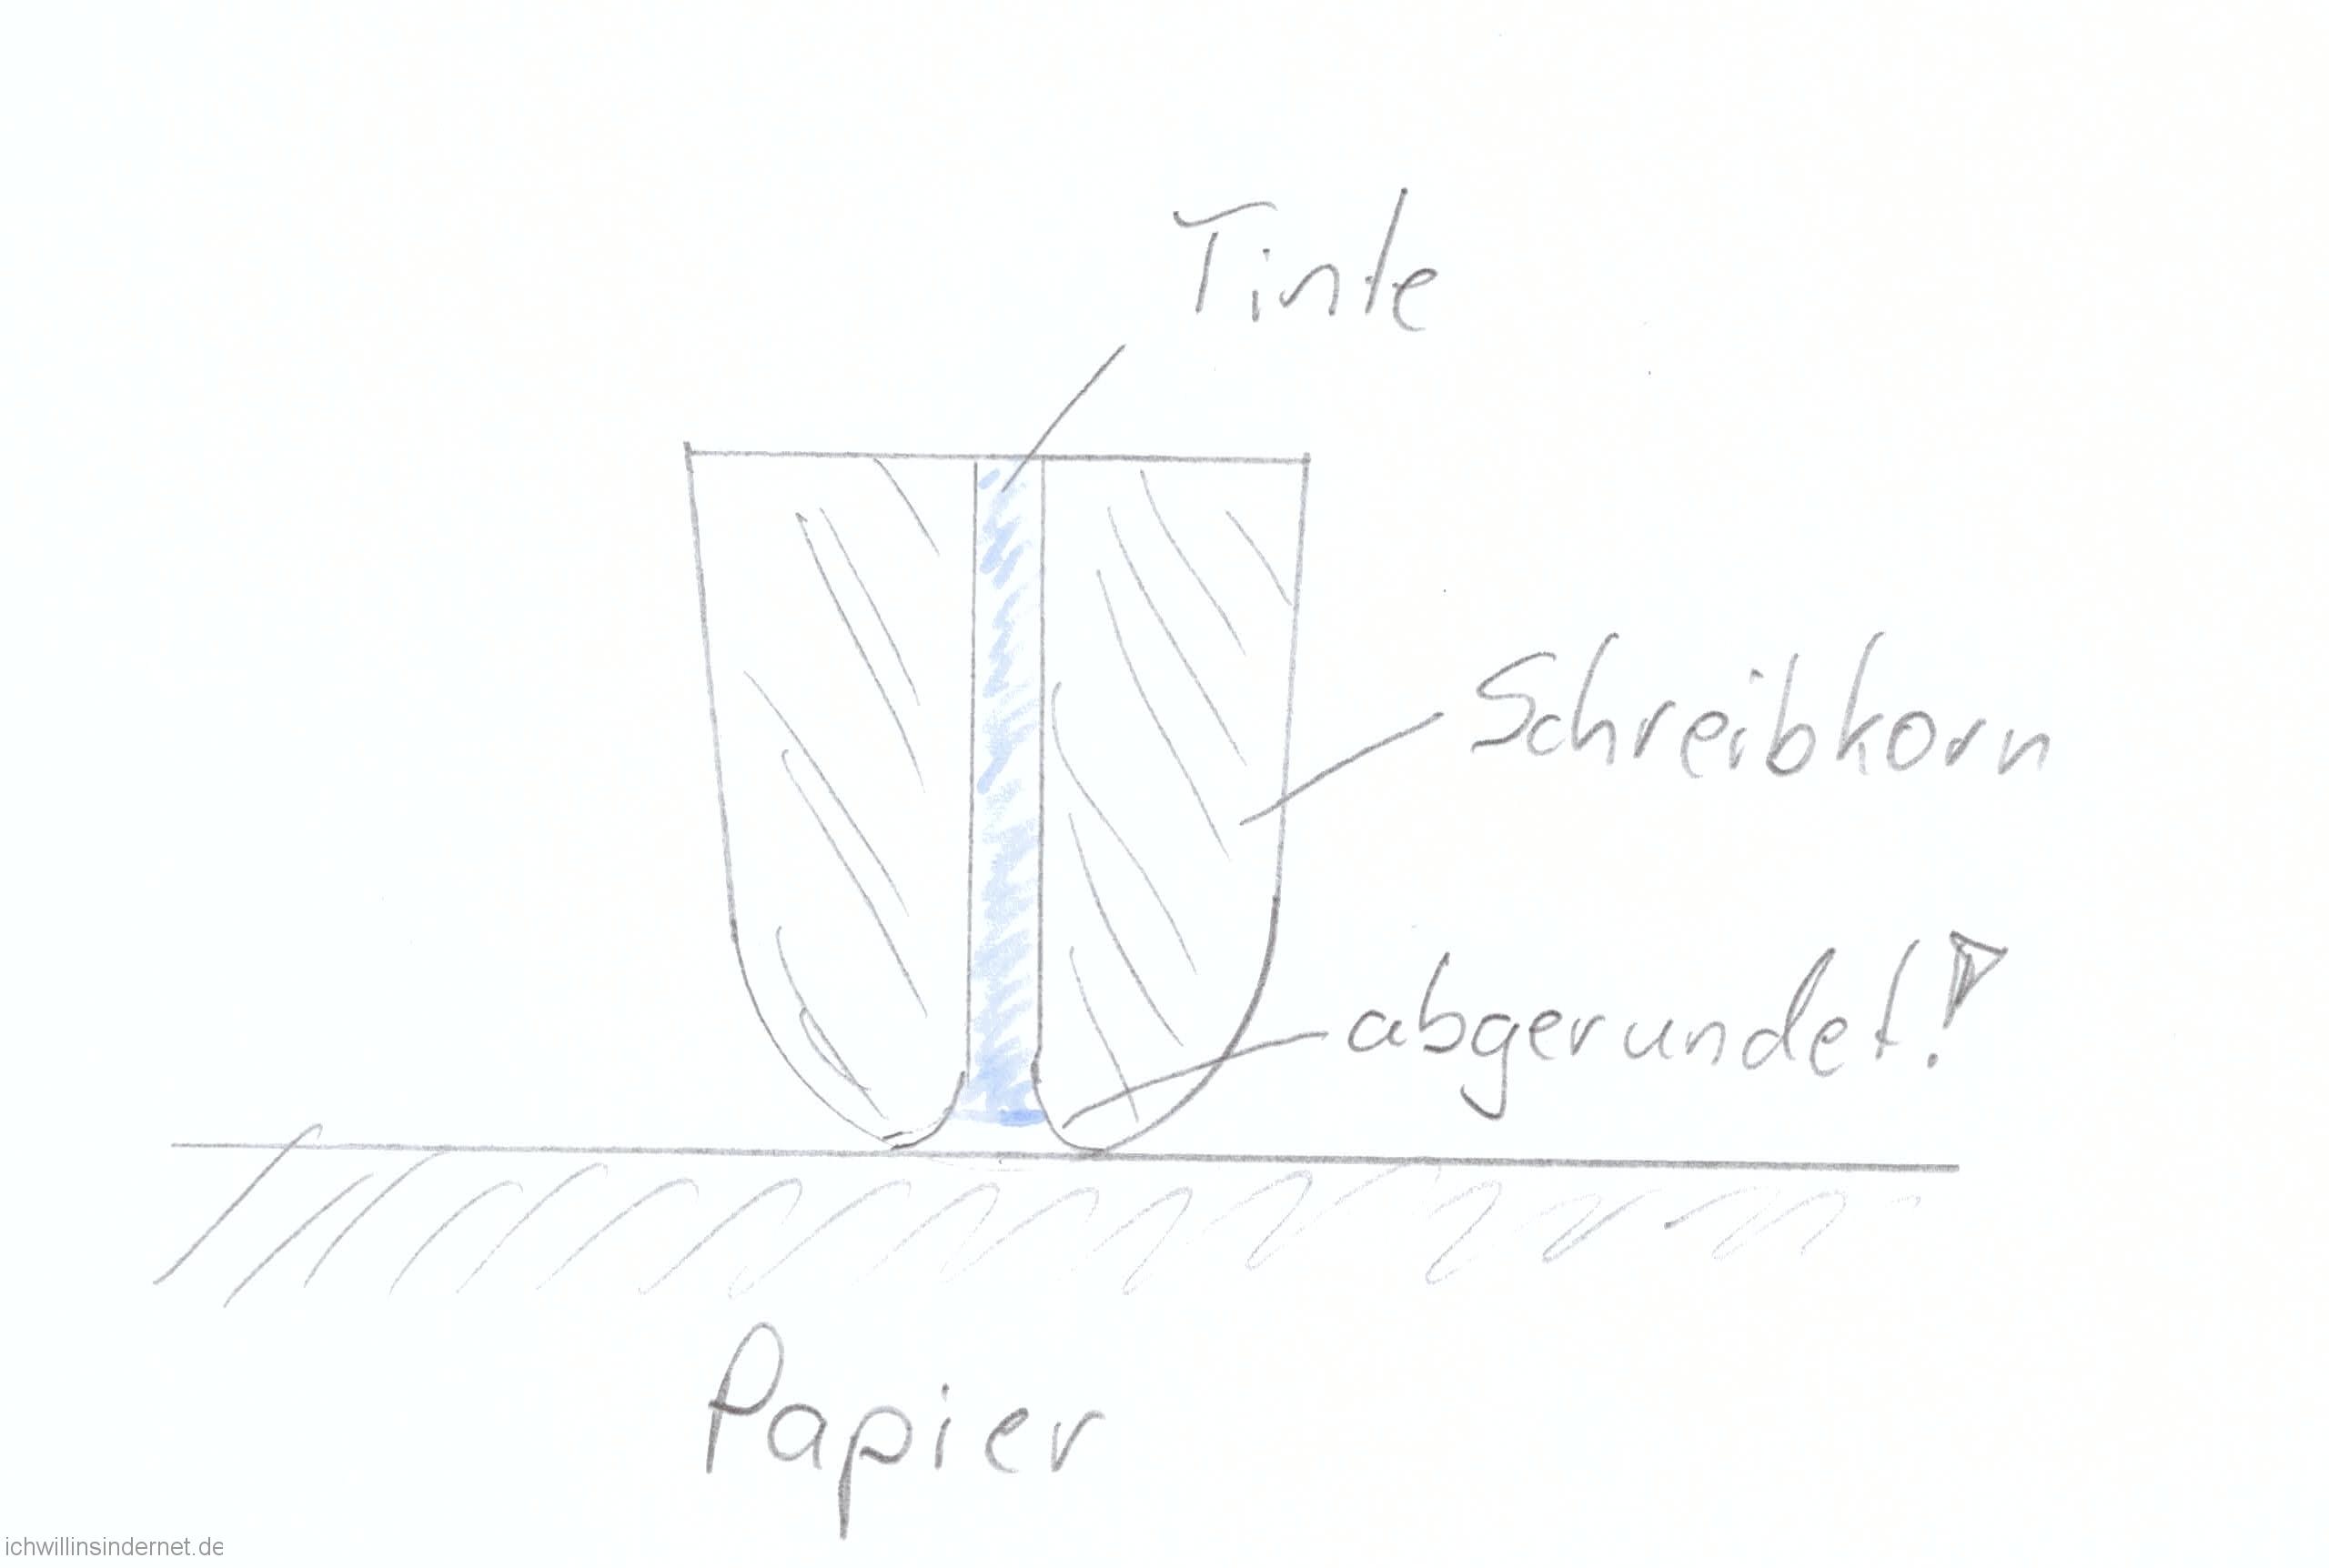 Datierung von Tinte auf Papier